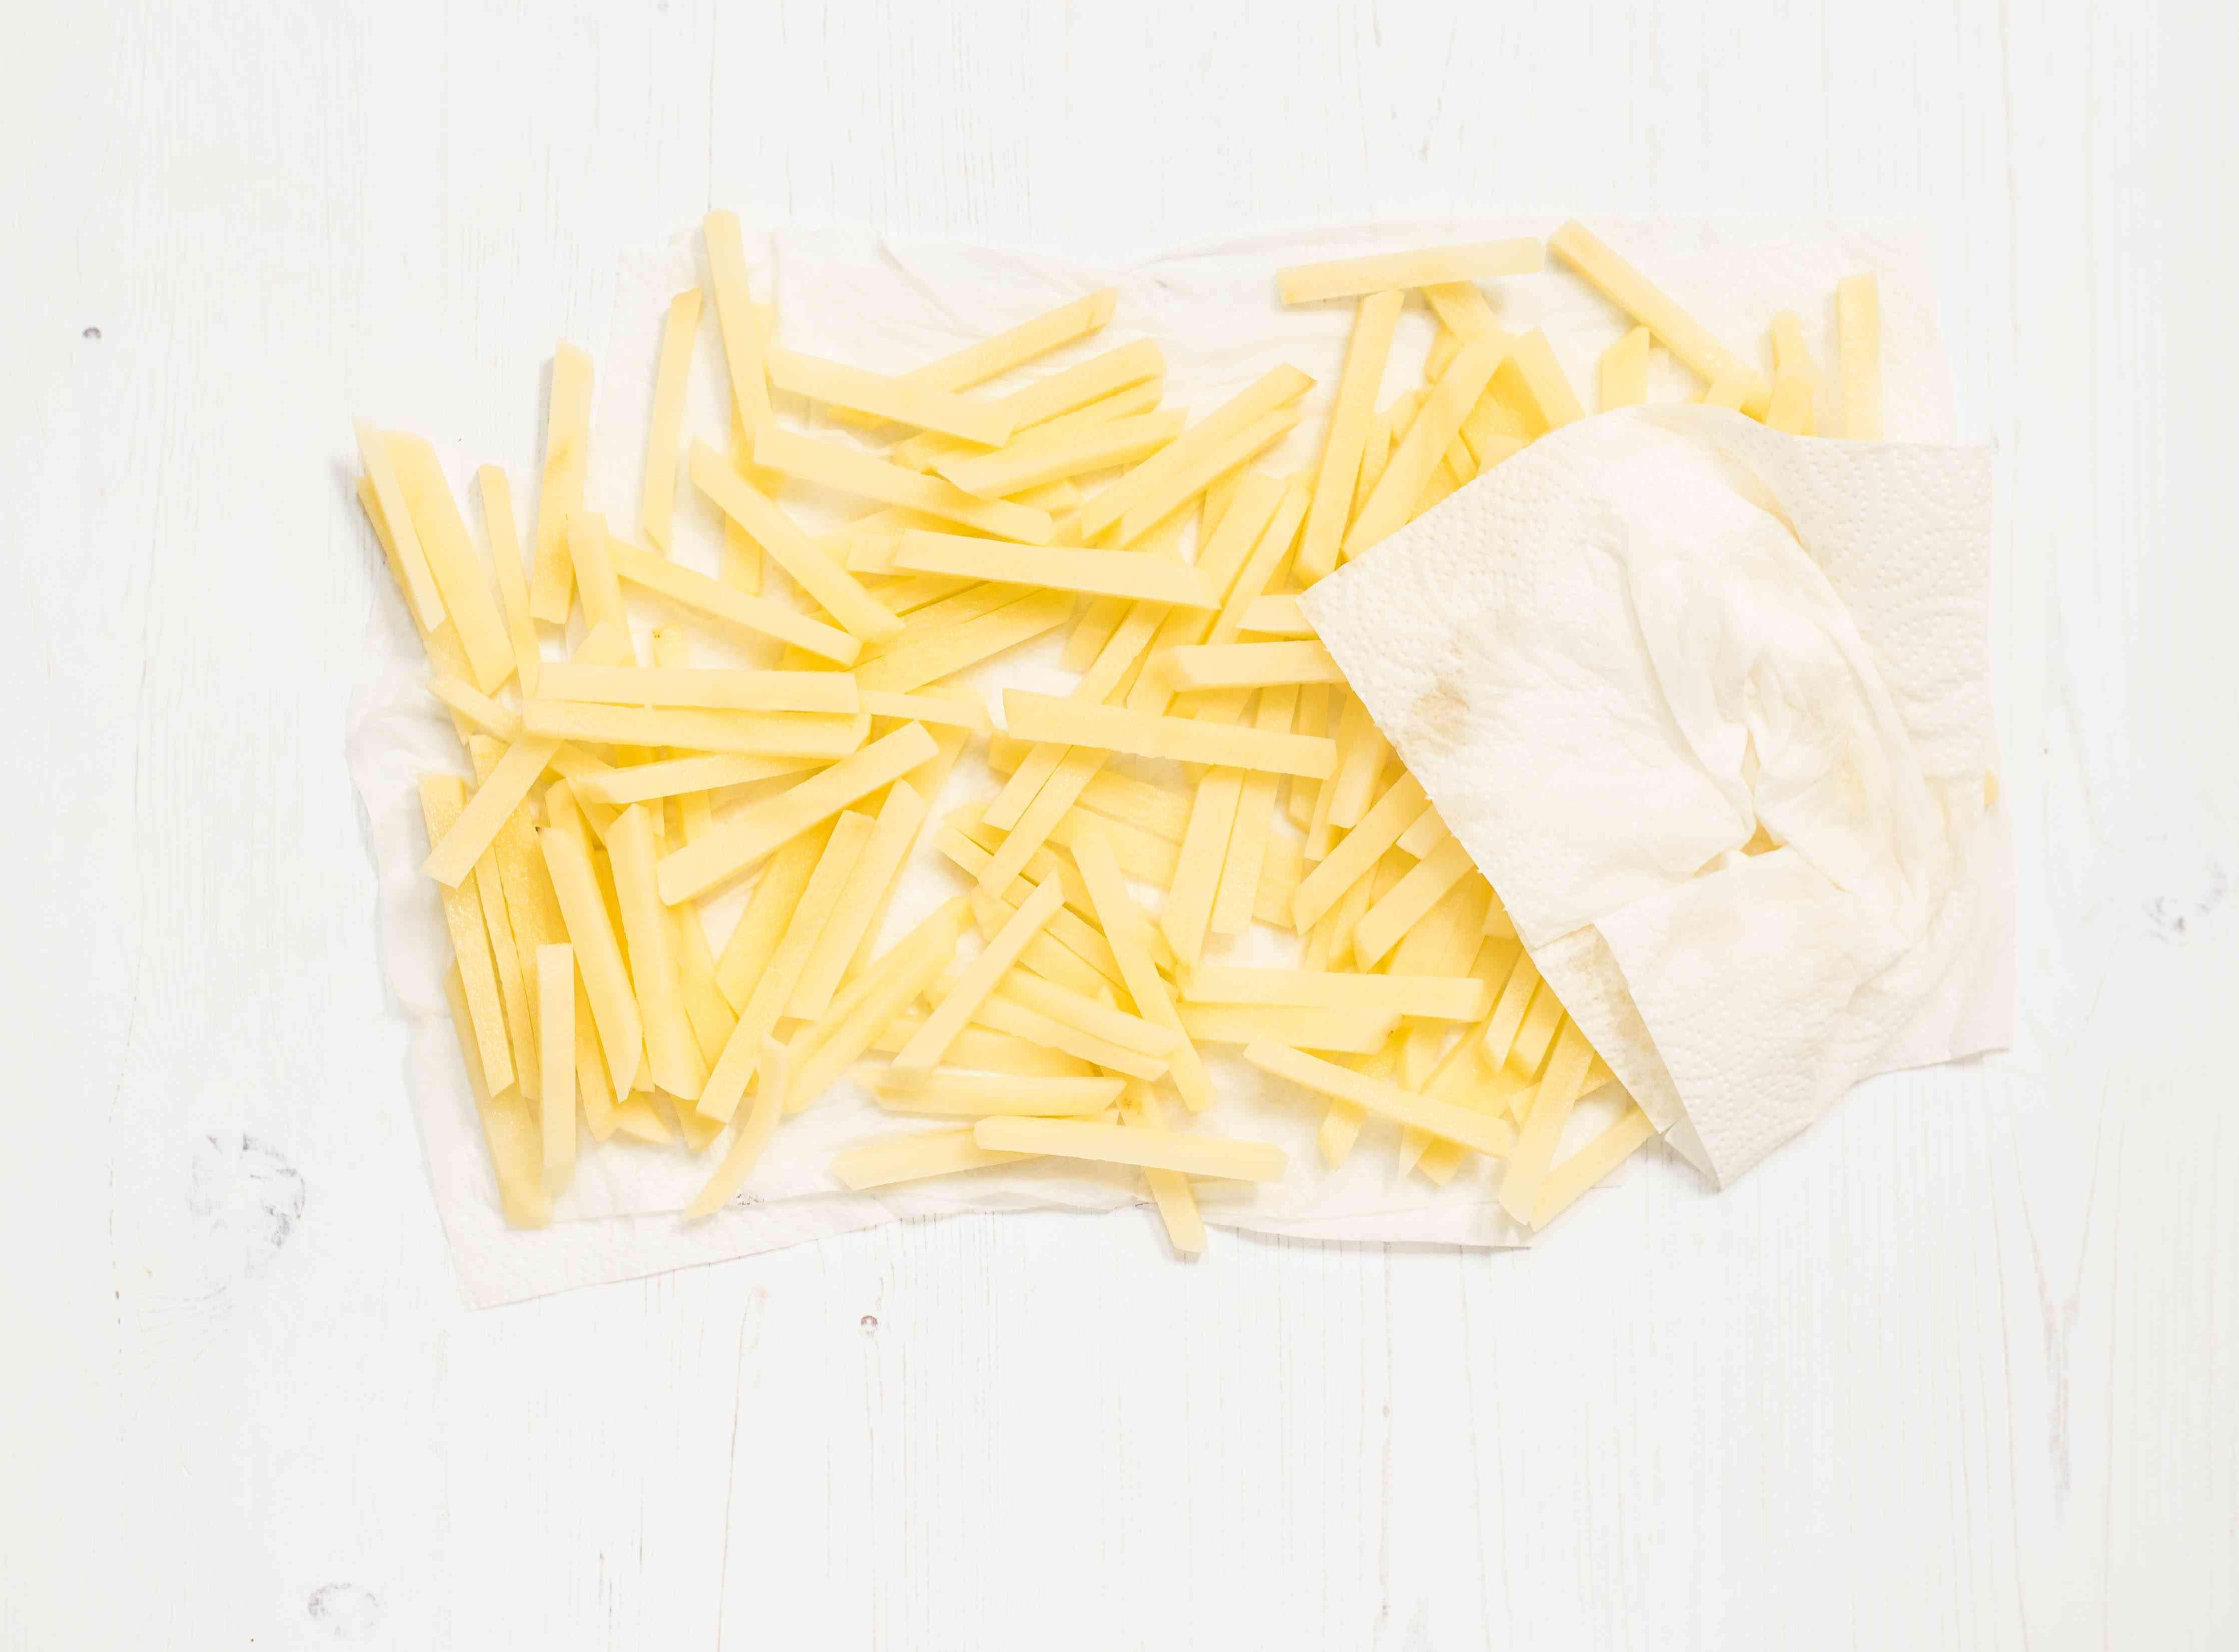 Drain the potatoes